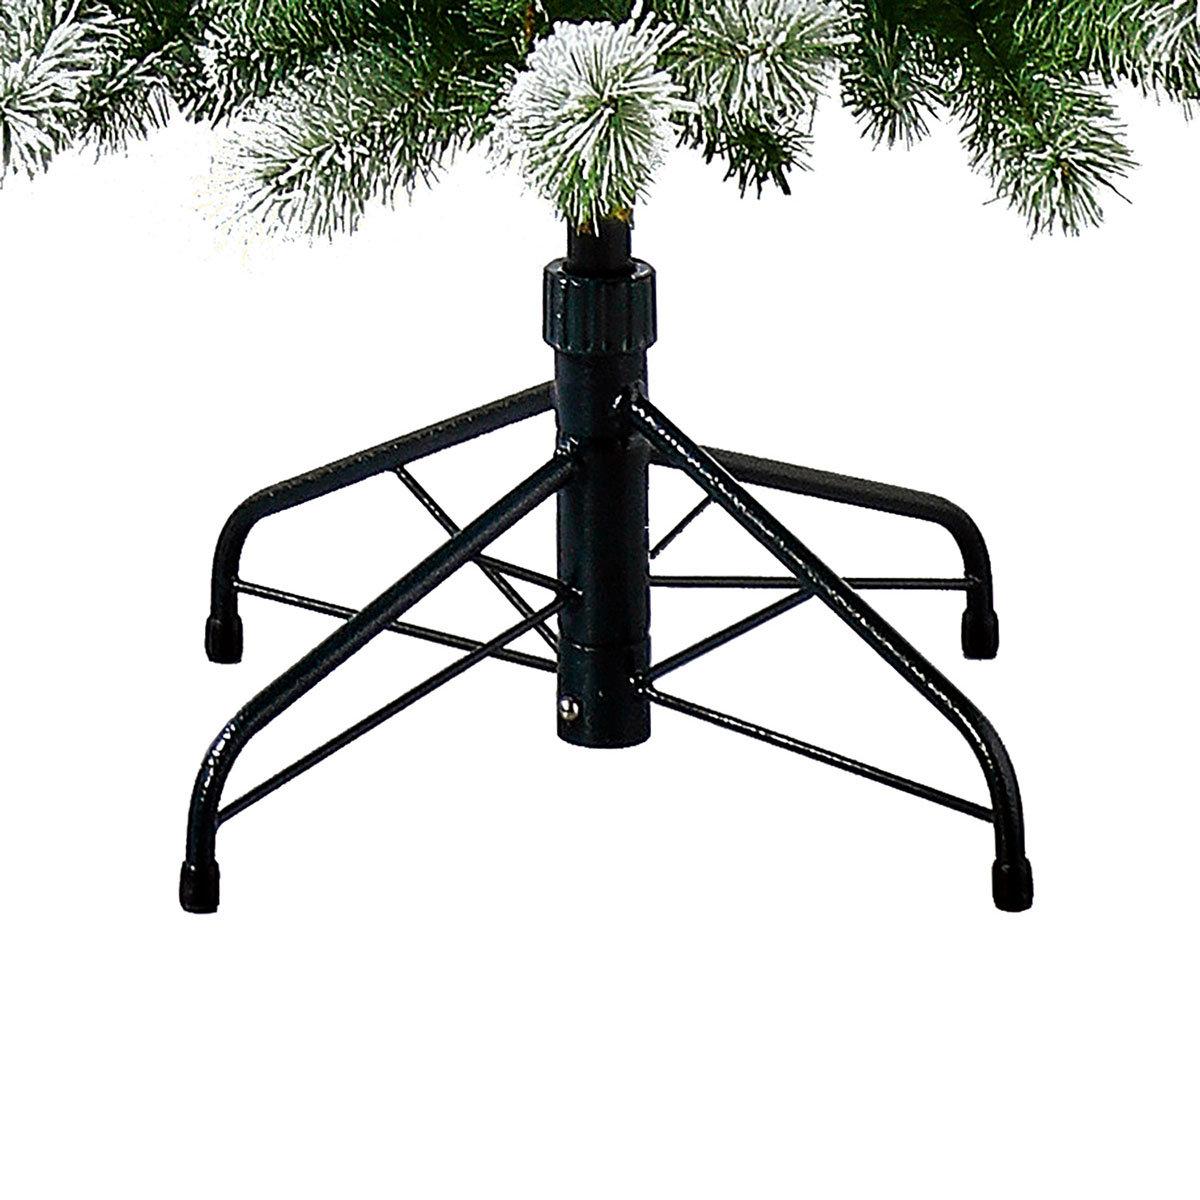 Künstlicher Weihnachtsbaum Kiefer mit Schneeoptik, 210 cm | #5